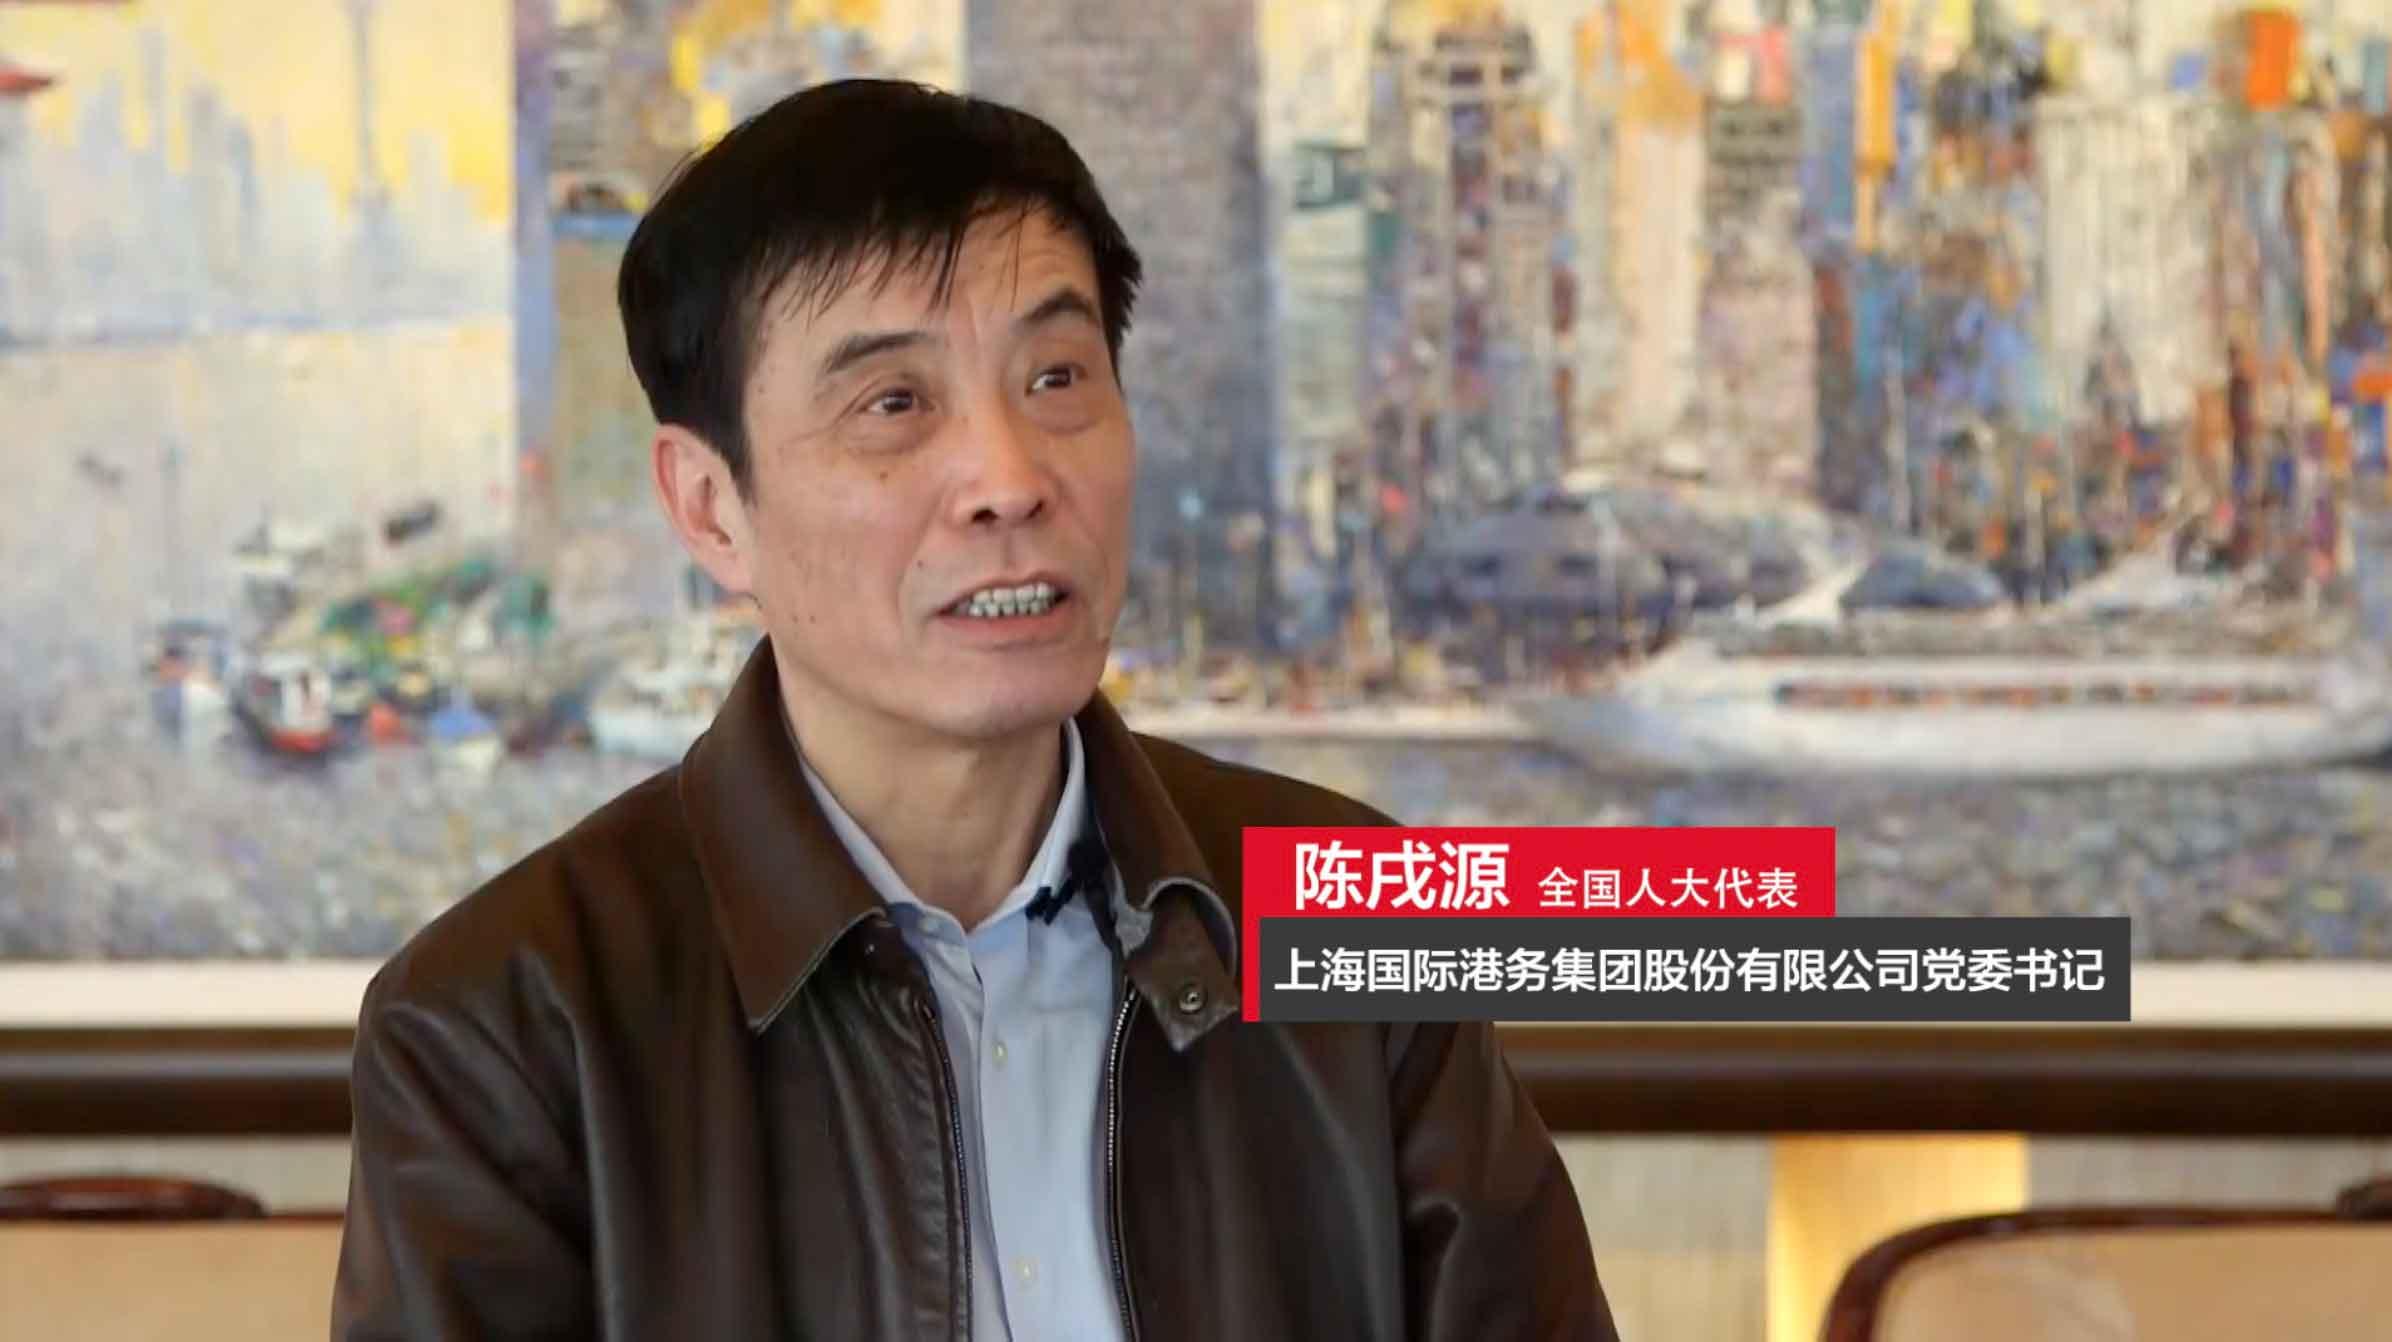 """作为两届全国人大代表的陈戌源,是一个标准的""""老代表""""了,他所在的上海国际港务(集团)股份有限公司,承载着上海打造国际航运中心的重任。"""